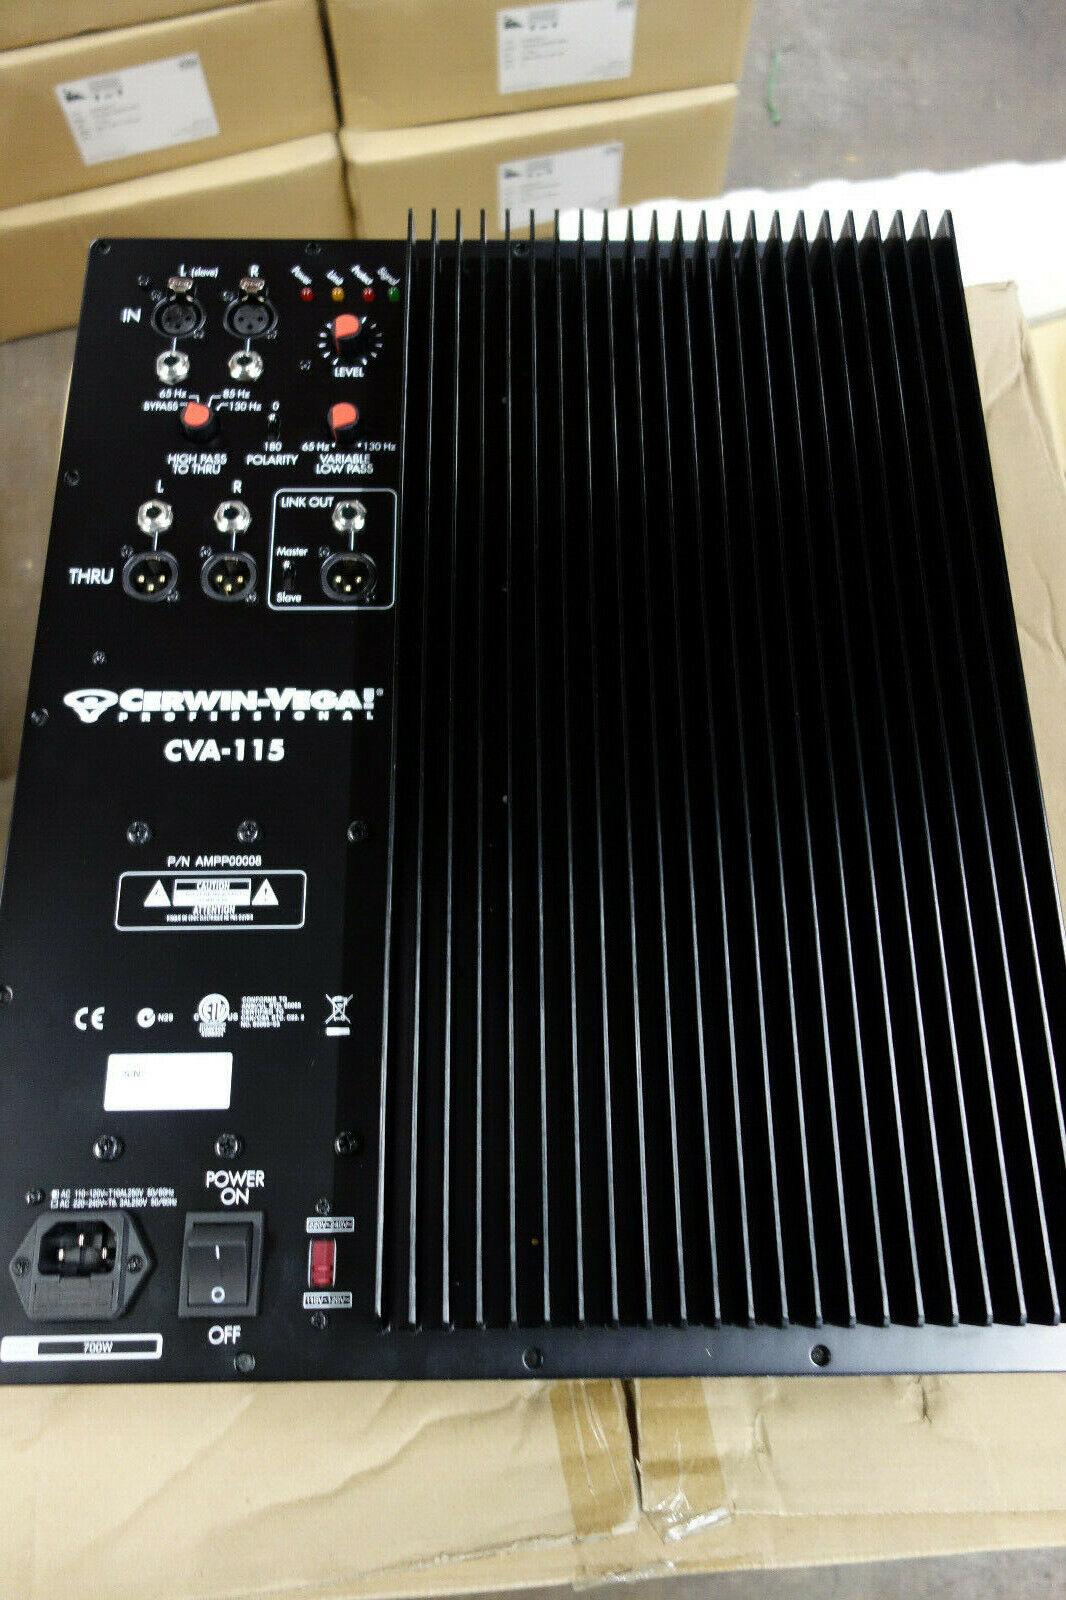 Cerwin Vega CVA 115-700W Replacement Audio Sub Woofer Speake